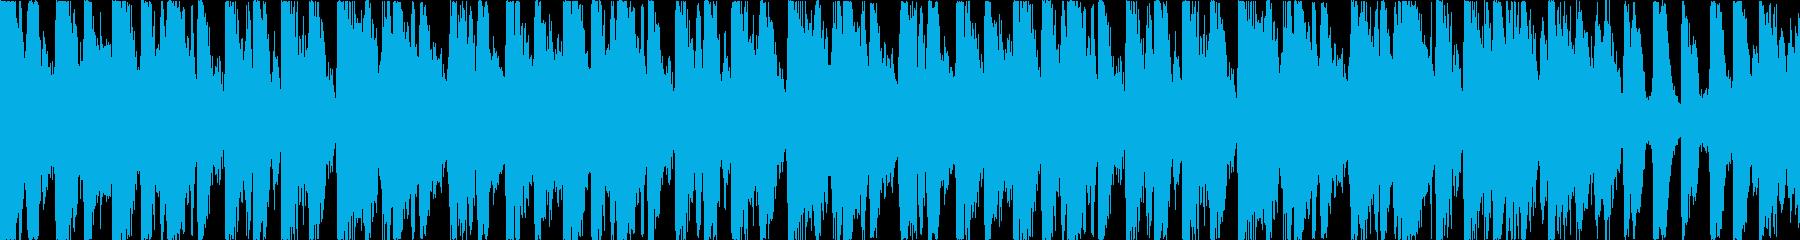 【ループC】ゴキゲンなスウィングをダンスの再生済みの波形